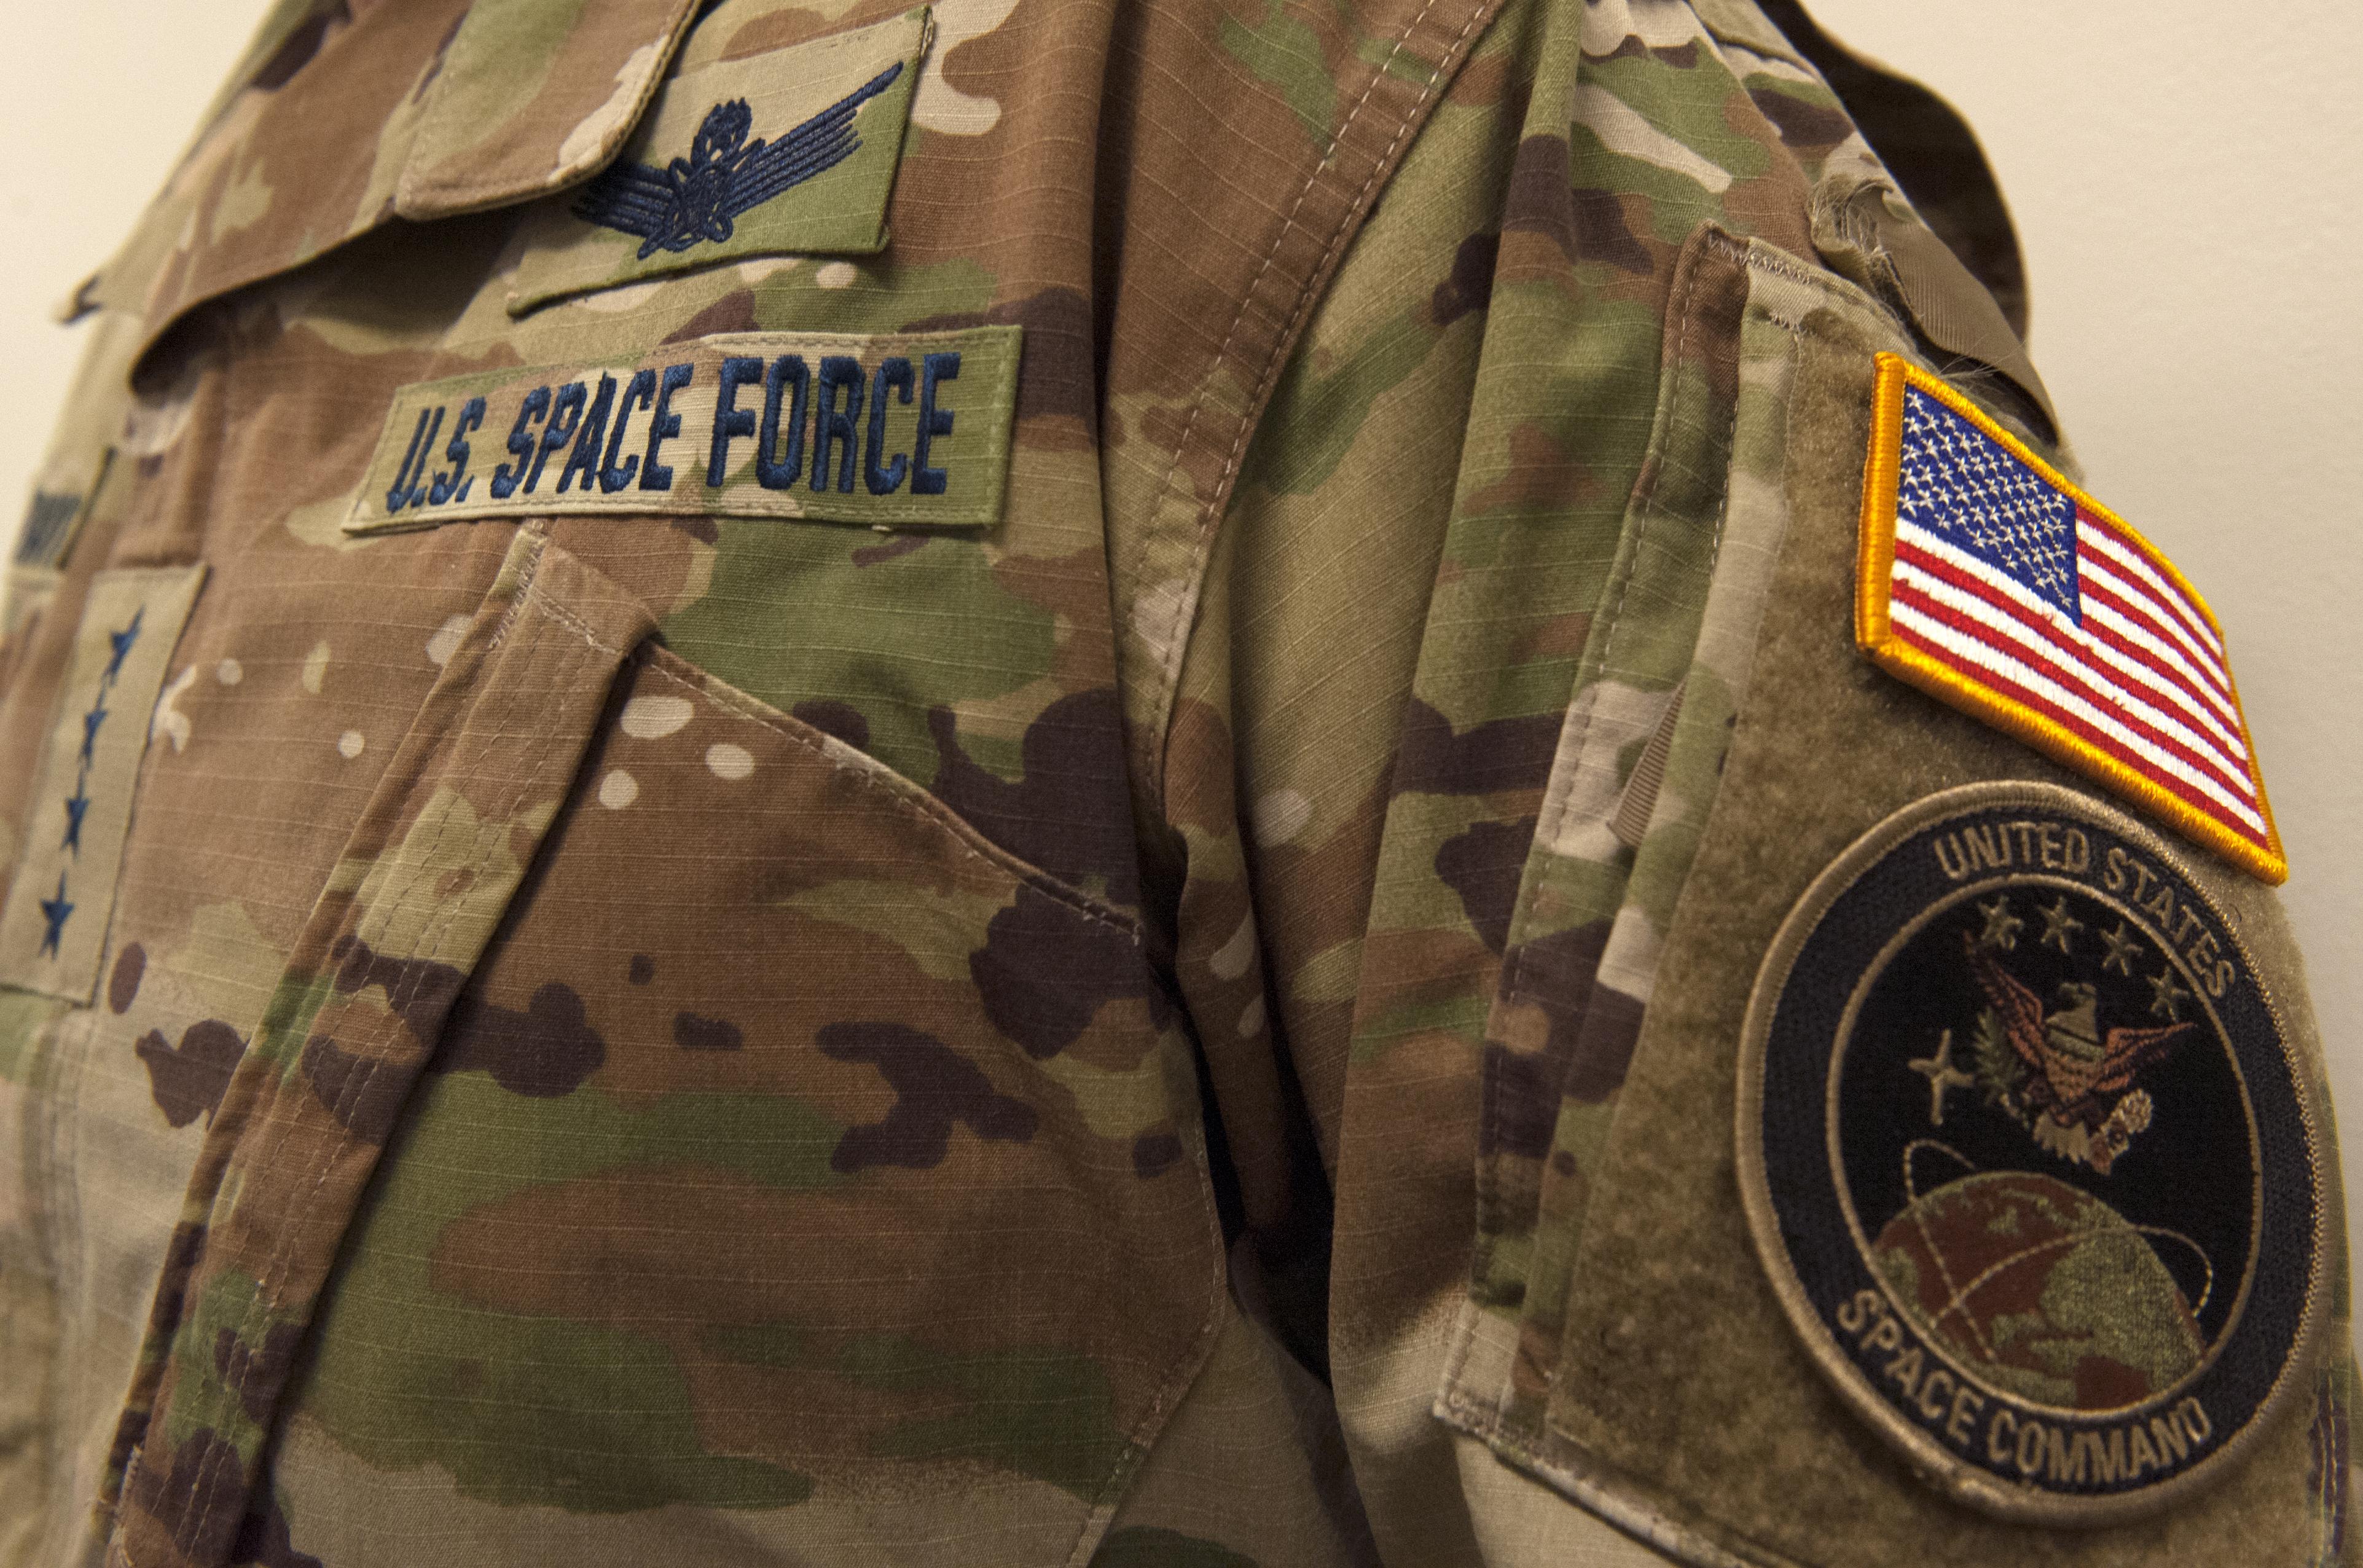 (Tech. Sgt. Robert Barnett/U.S. Air Force)